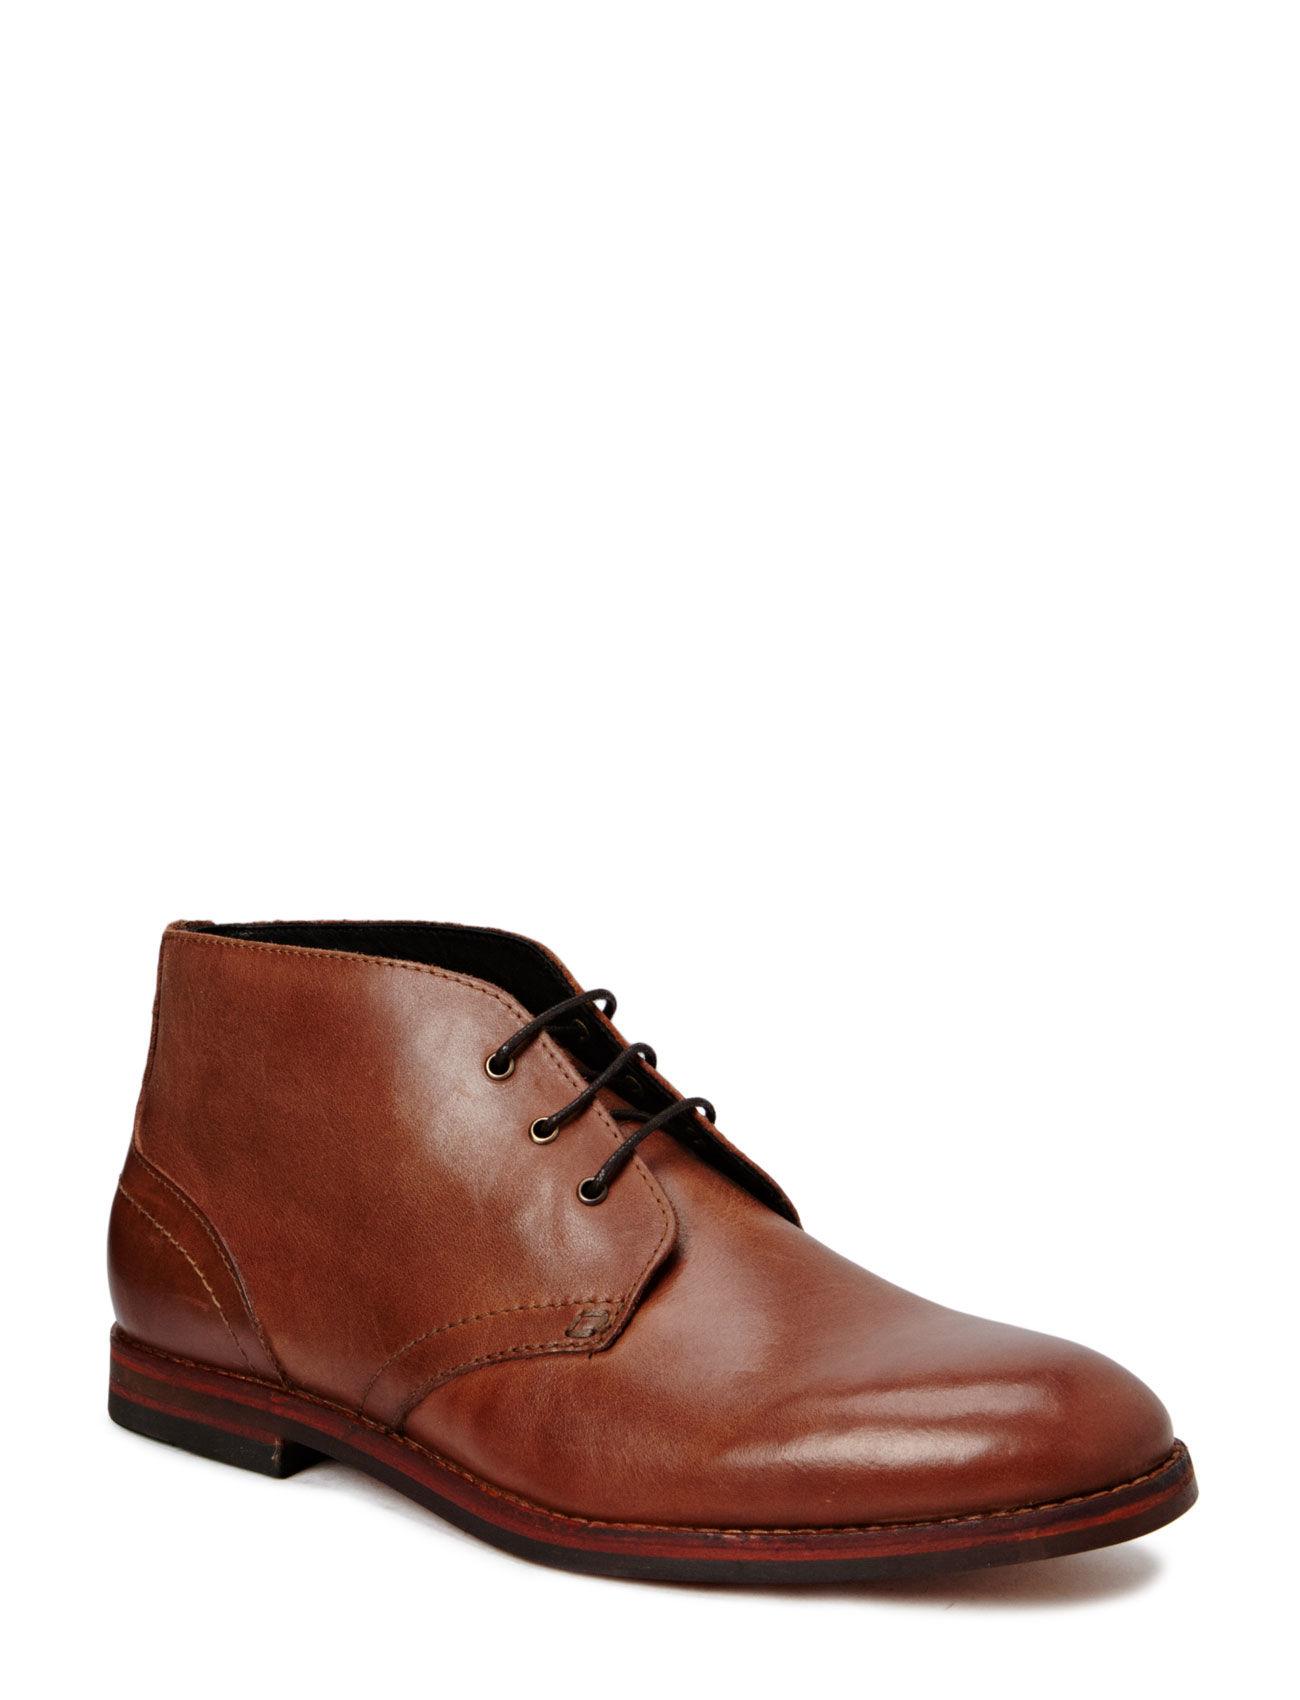 Houghton 2 Calf Hudson London Støvler til Herrer i